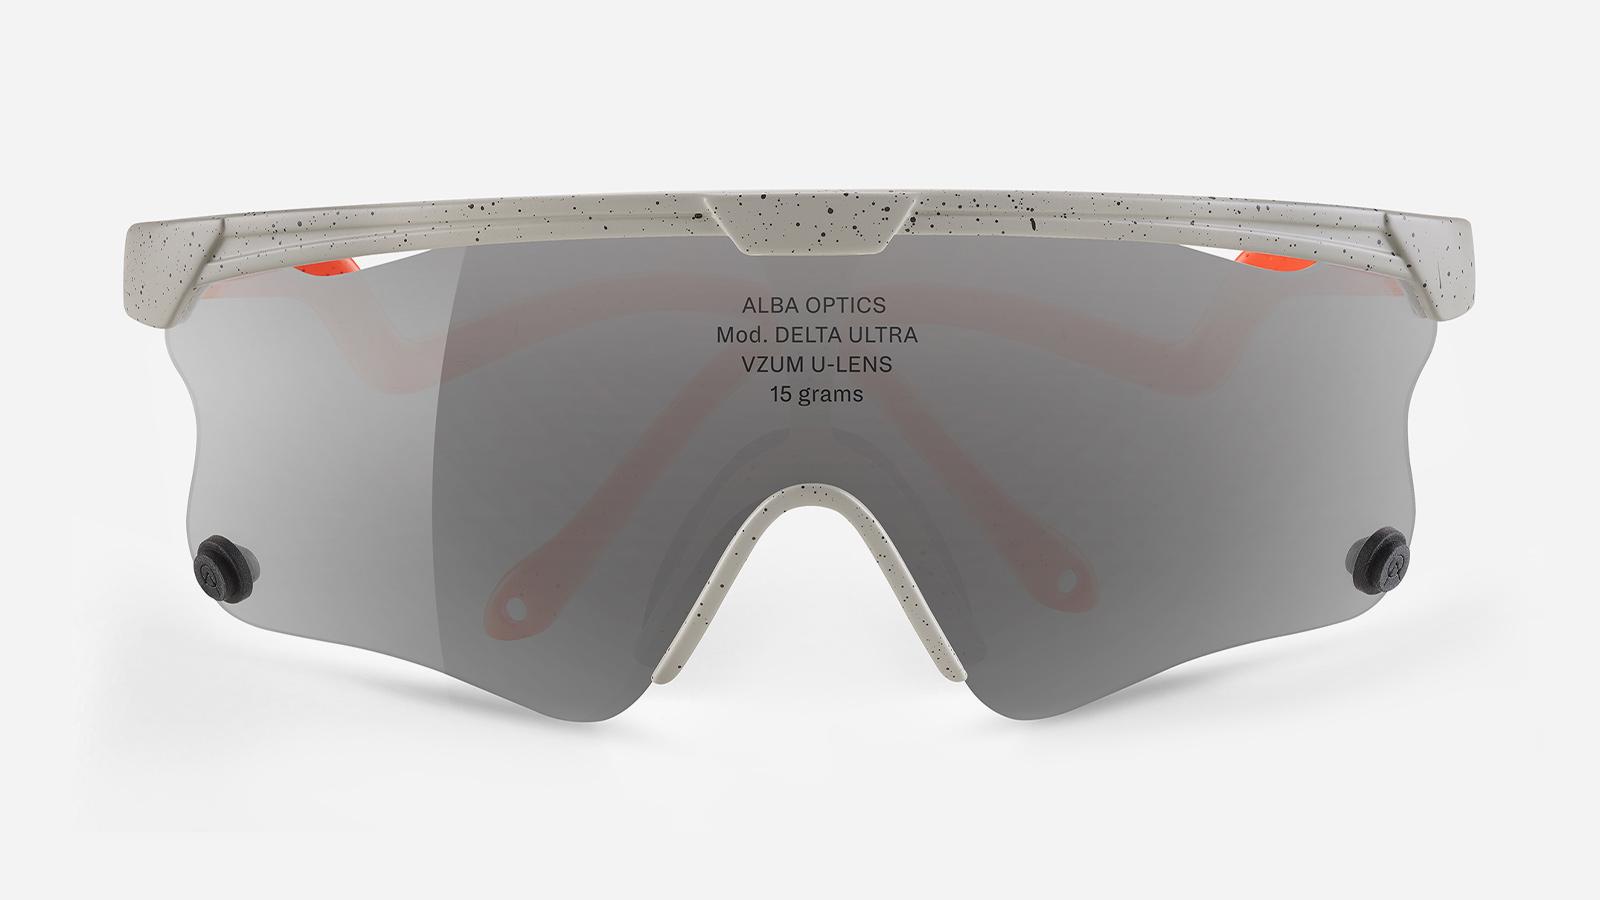 Alba Optics Delta Ultra